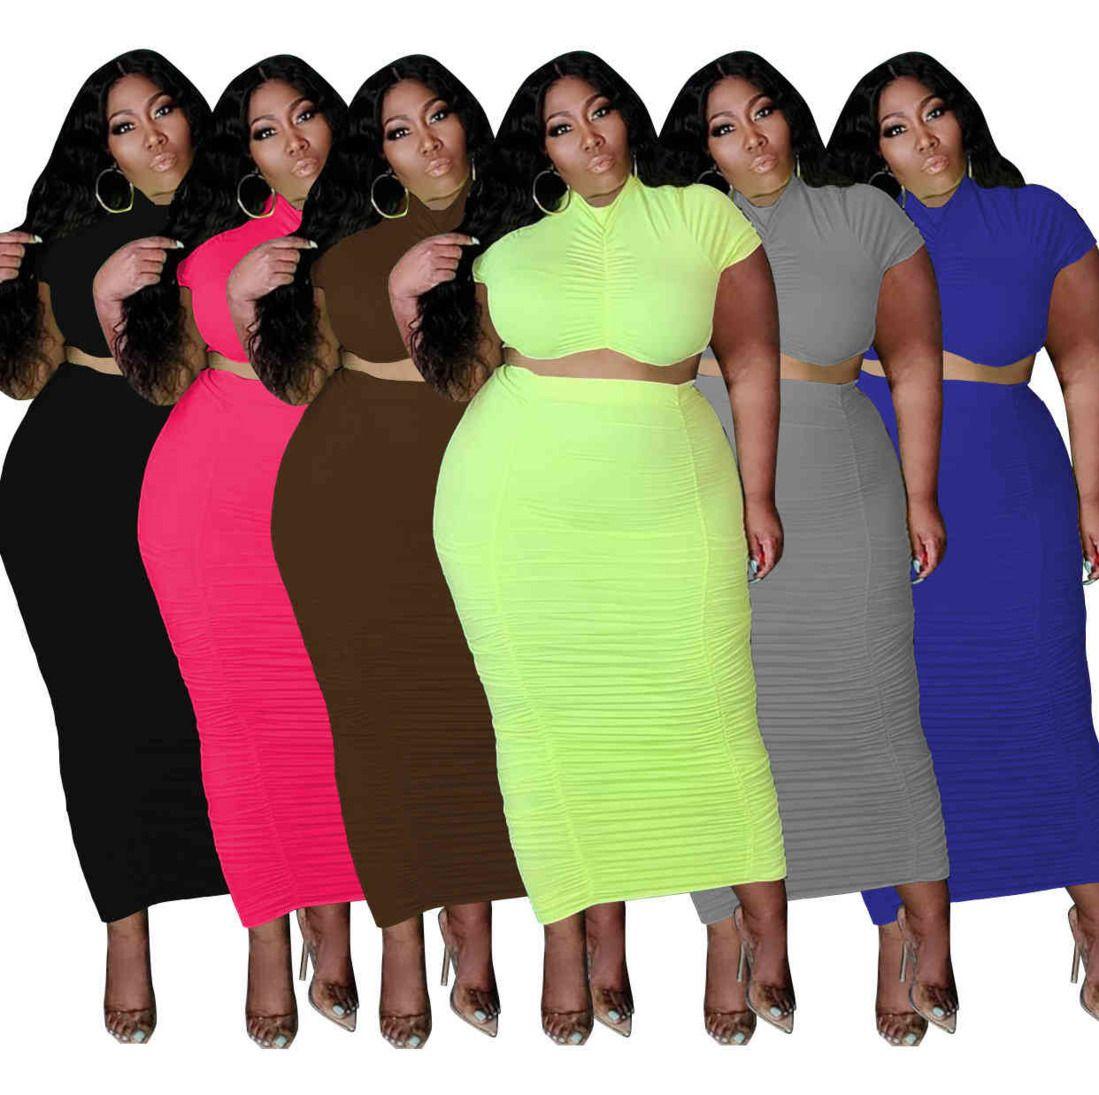 Sommer plus Größe Frauen 2 Stück Kleid 3x 4x 5x Mode Freizeit Feste Farbe Kurzarm Lange Rock Große Größe T-Shirt Rock Anzug 6 Farben XL-5XL 8457